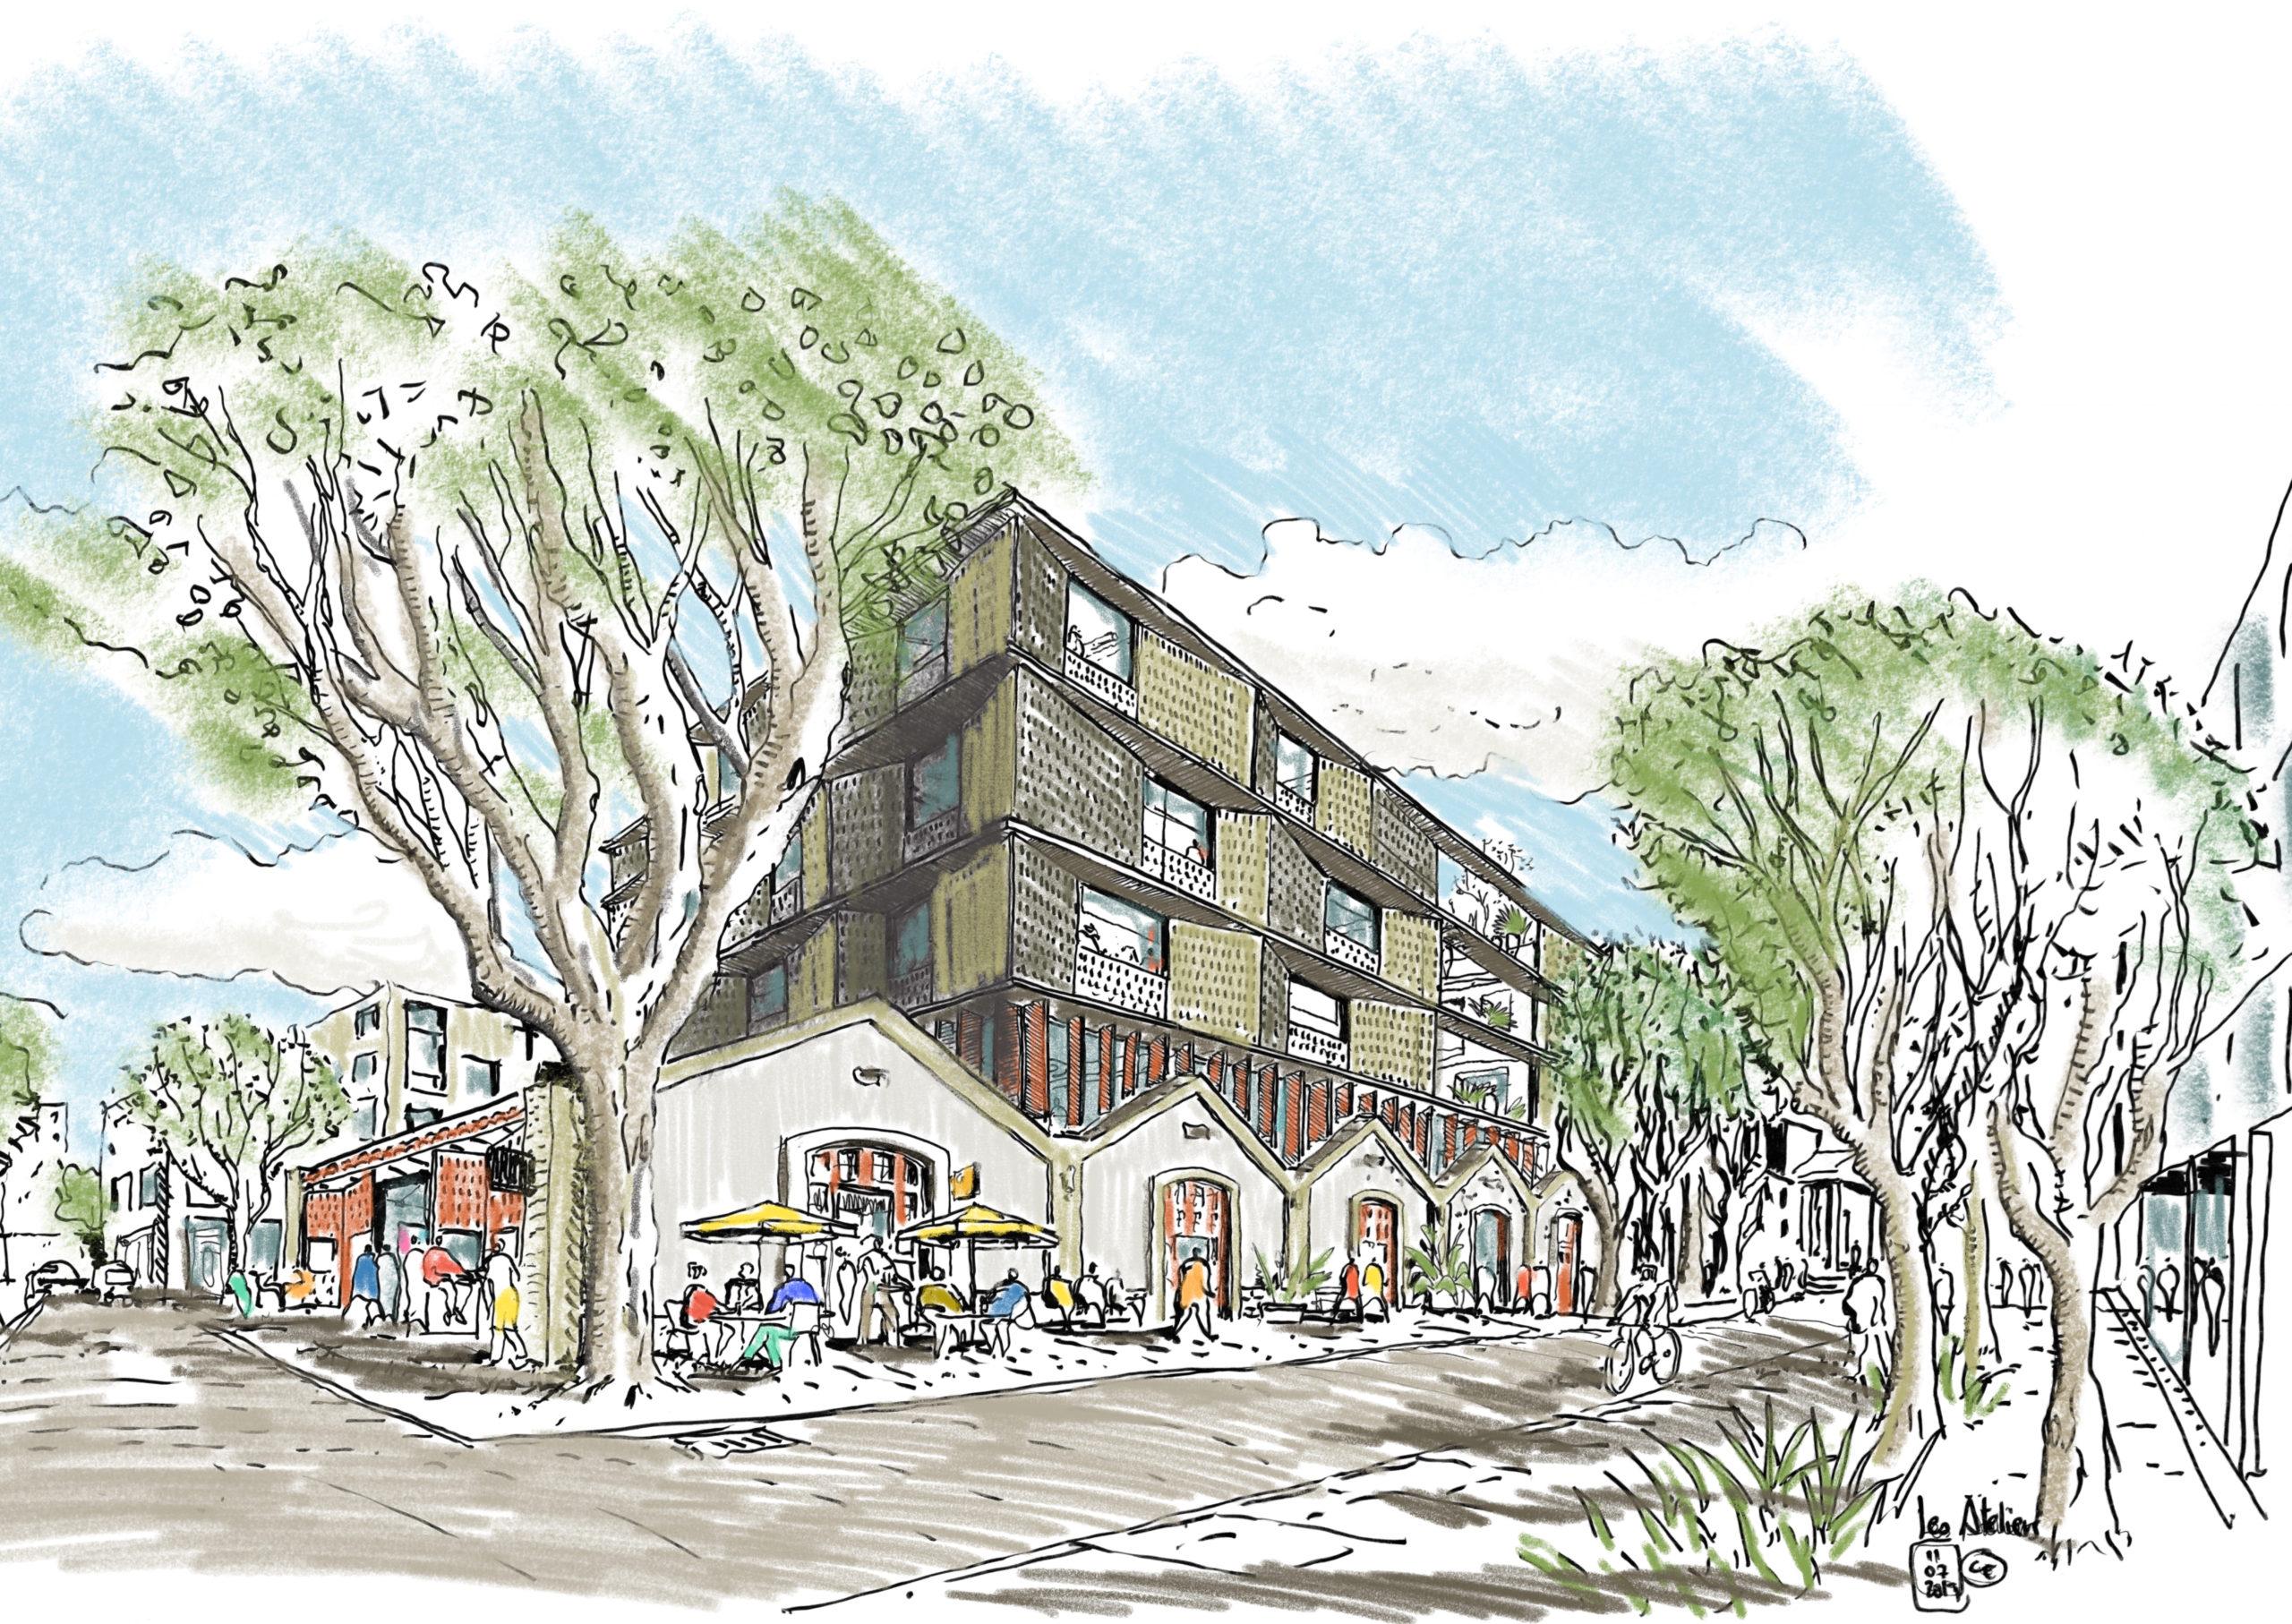 Croquis réalisé par le Studio Egret West, représentant le projet des Ateliers FM dans la futur cité créative de la ville. Réhabilitation d'un ancien bâtiment de l'EAI à Montpellier.